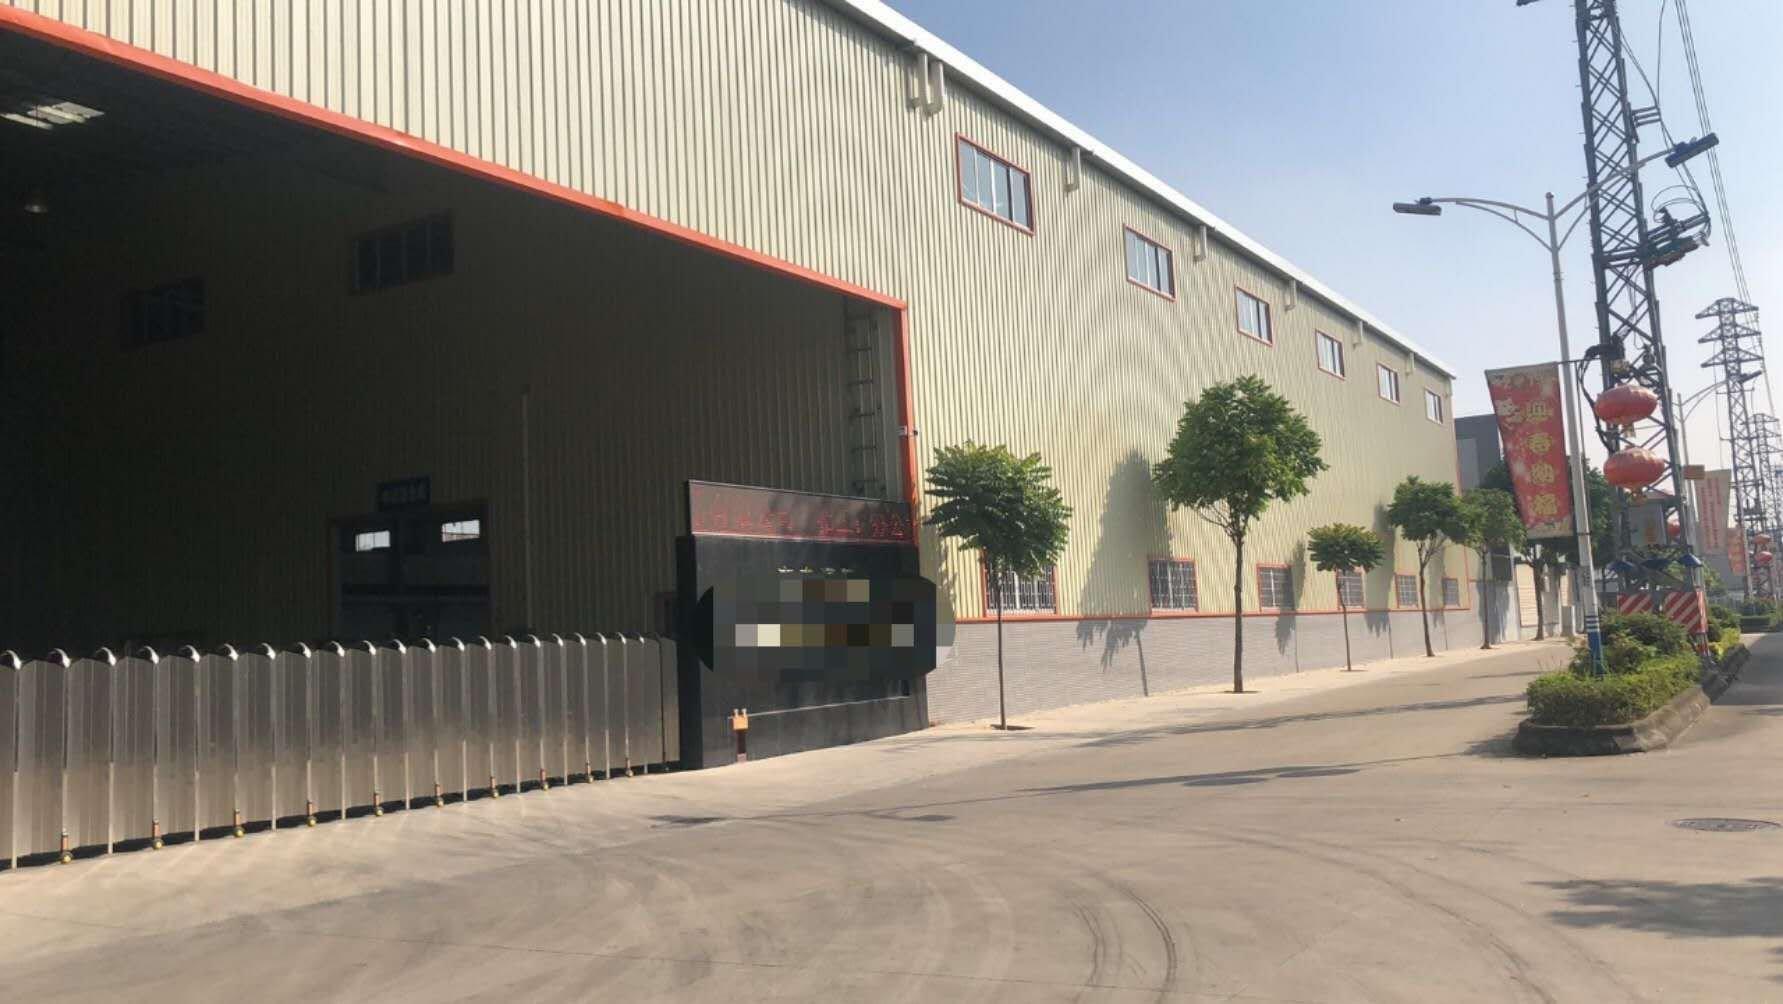 均安镇周边大型工业区内出租高钢构厂房